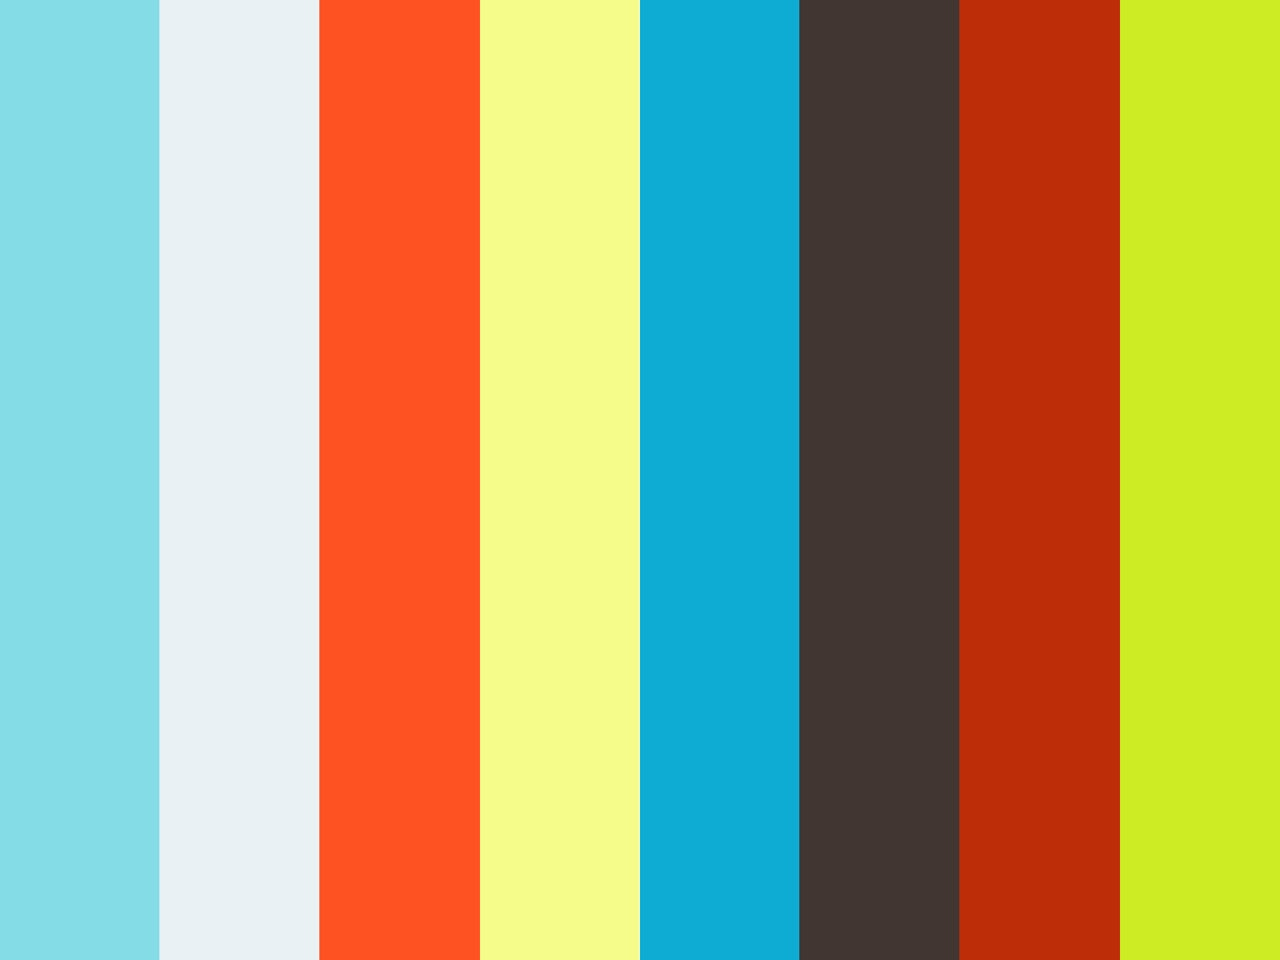 002797 - EAU 2018 Kopenhagen - Karel Decaestecker